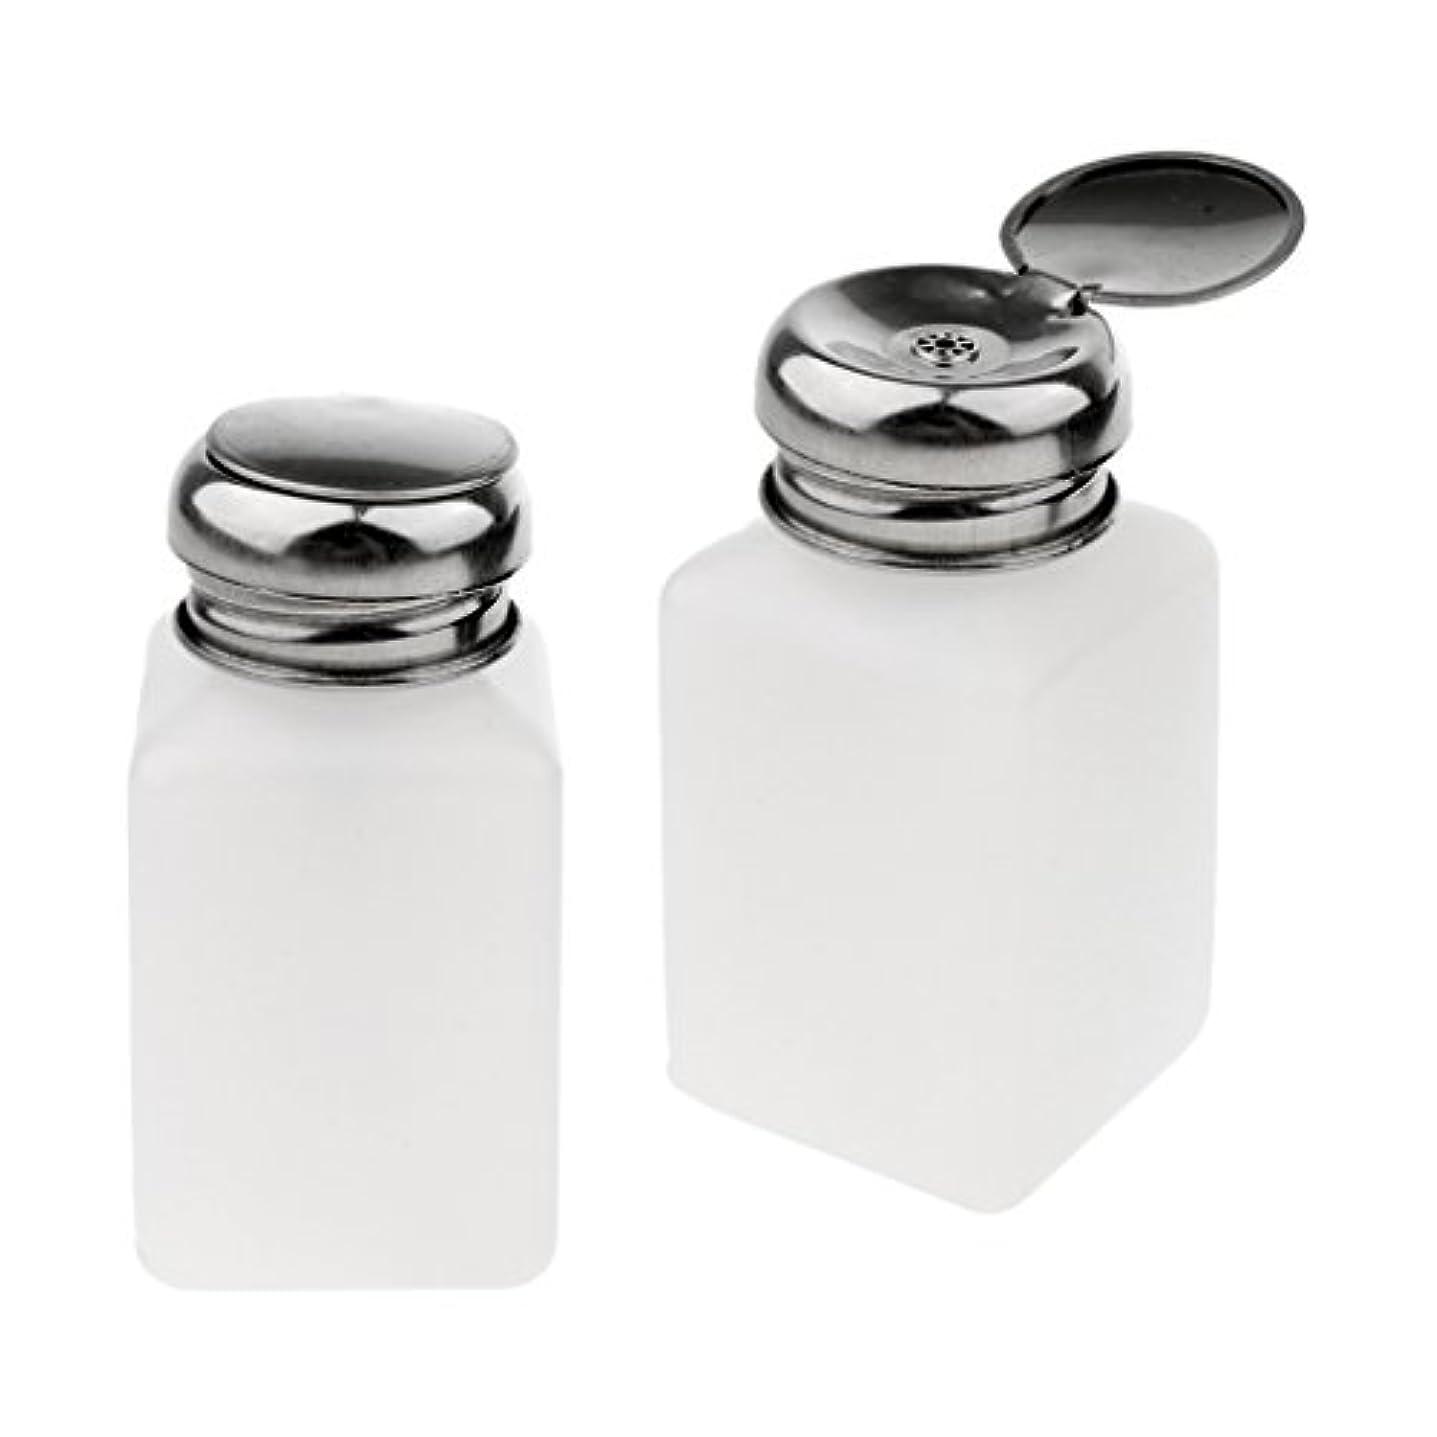 SM SunniMix 2個 プレスボトル 空ボトル ポンプボトル ロック可能 アルコール 液体 貯蔵 保護 全3サイズ - 200ミリリットル